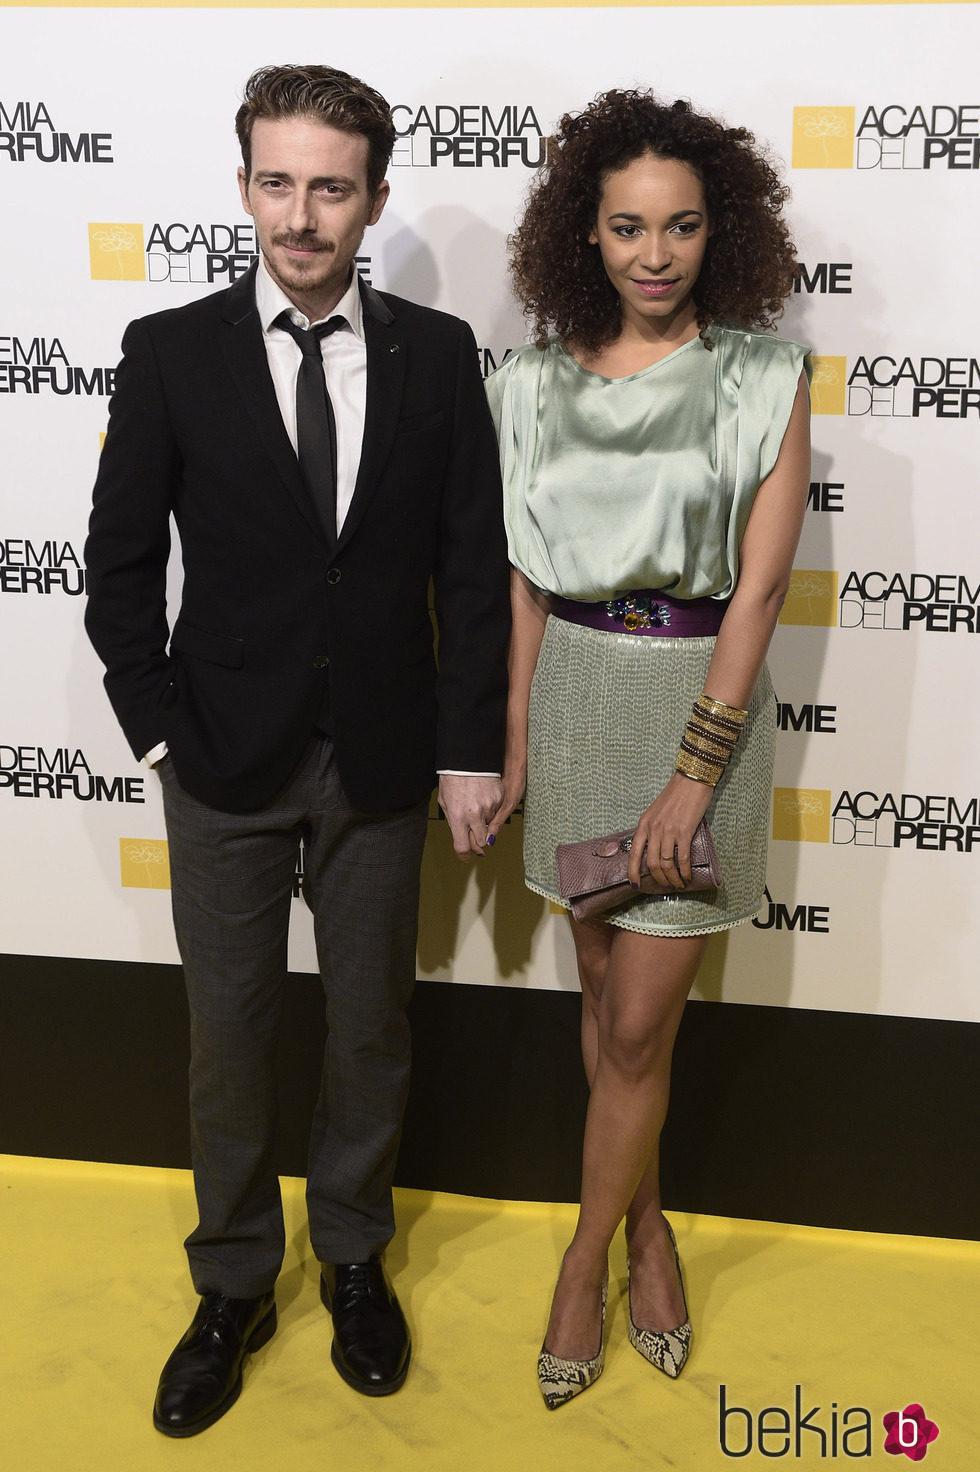 Víctor Clavijo y Montse Pla en los Premios de la Academia del Perfume 2015